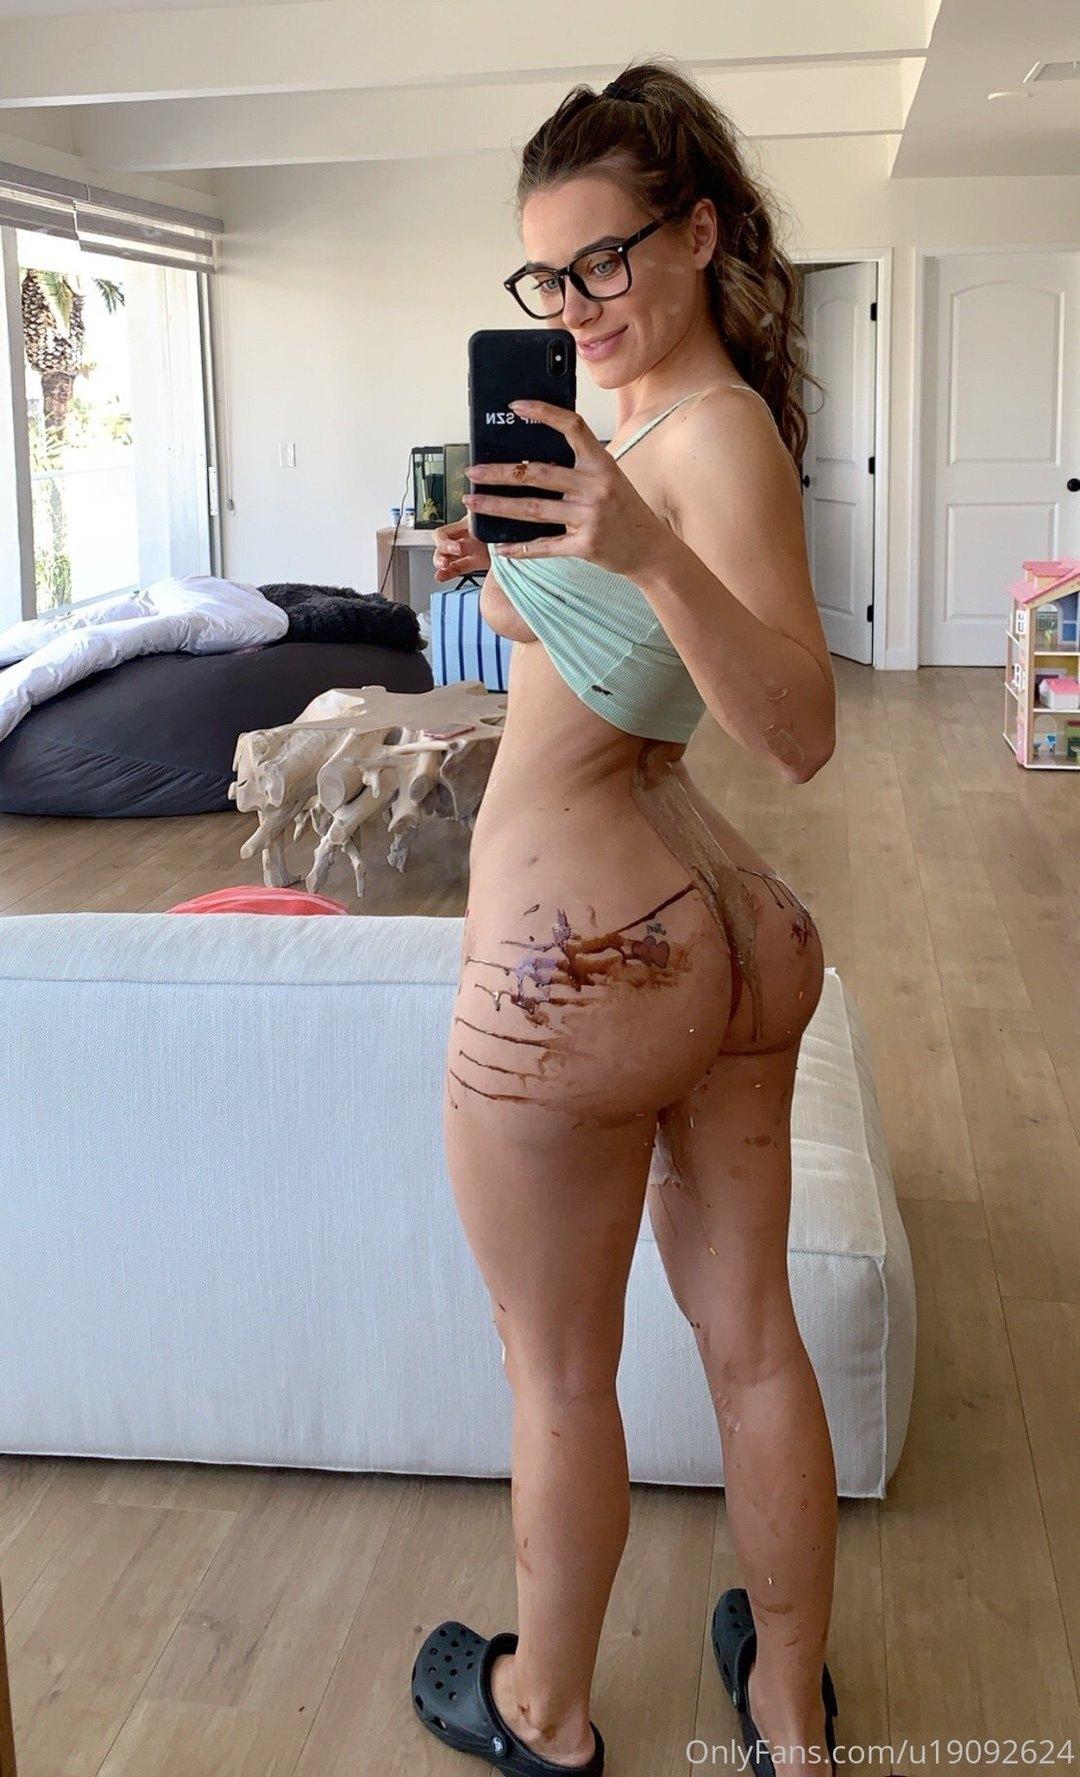 Lana Rhoades Lanarhoades Onlyfans Nude Leaks 0027